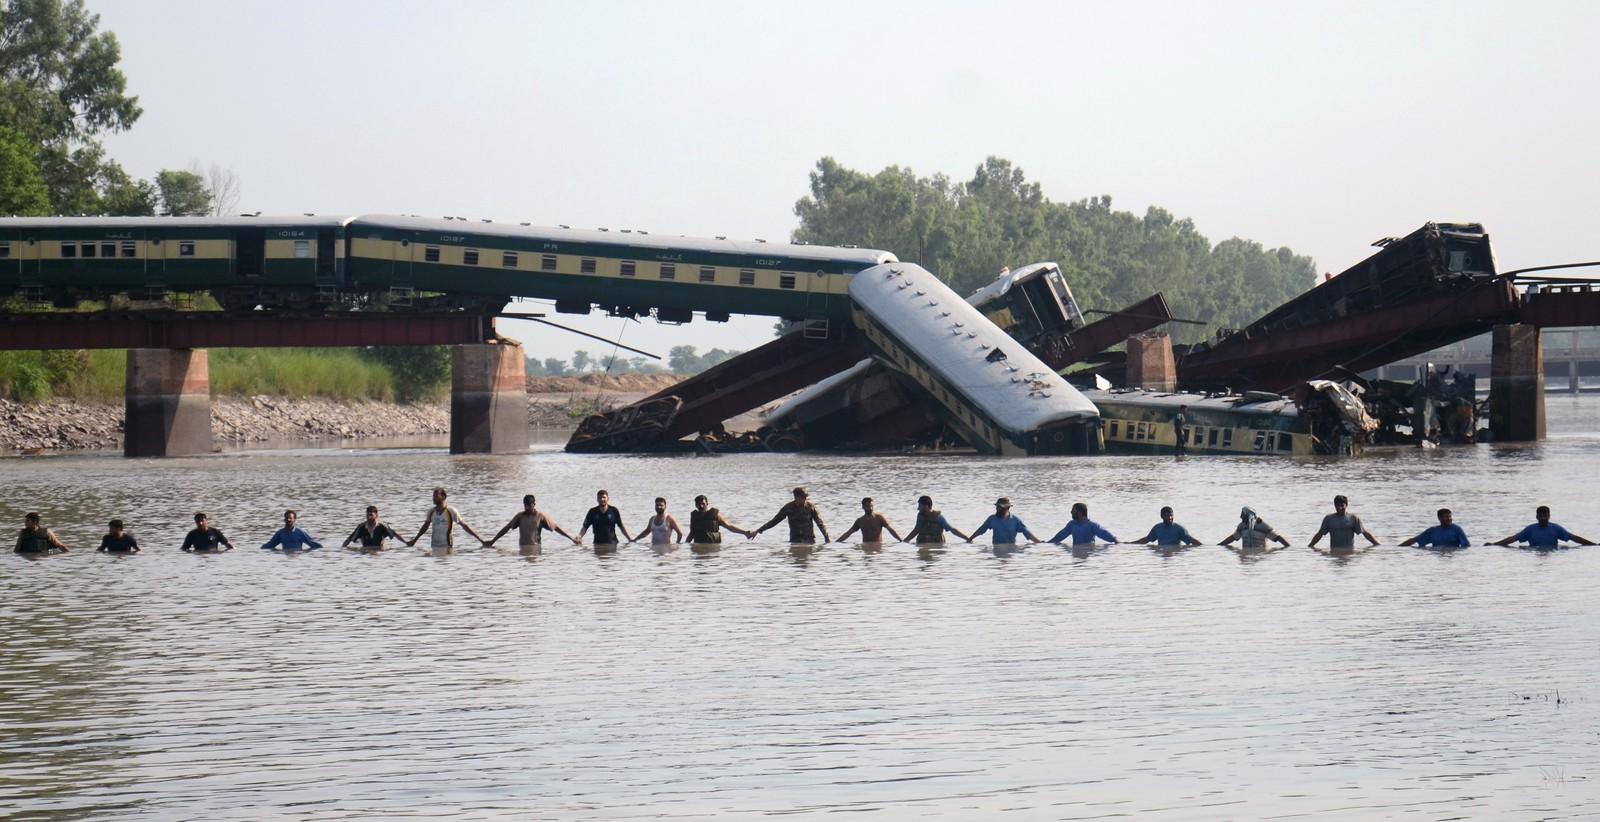 Pakistanske soldater holder hender under leteaksjonen etter at et tog kjørte ut og havnet i kanalen nær Gujranwala 3. juli. 19 personer døde og over 100 ble skadd i ulykken.